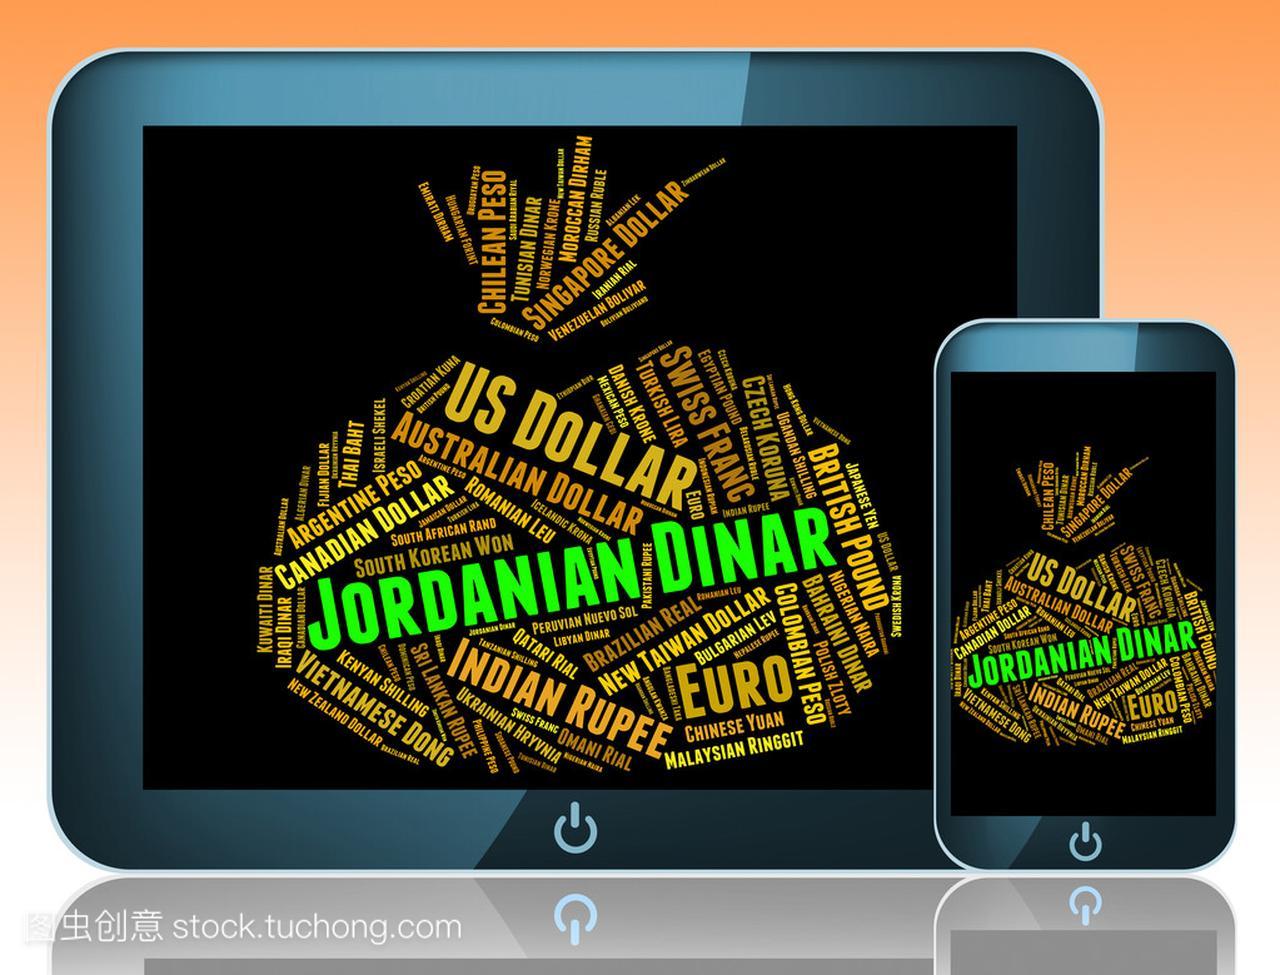 约旦第纳尔表示外汇交易和钞票